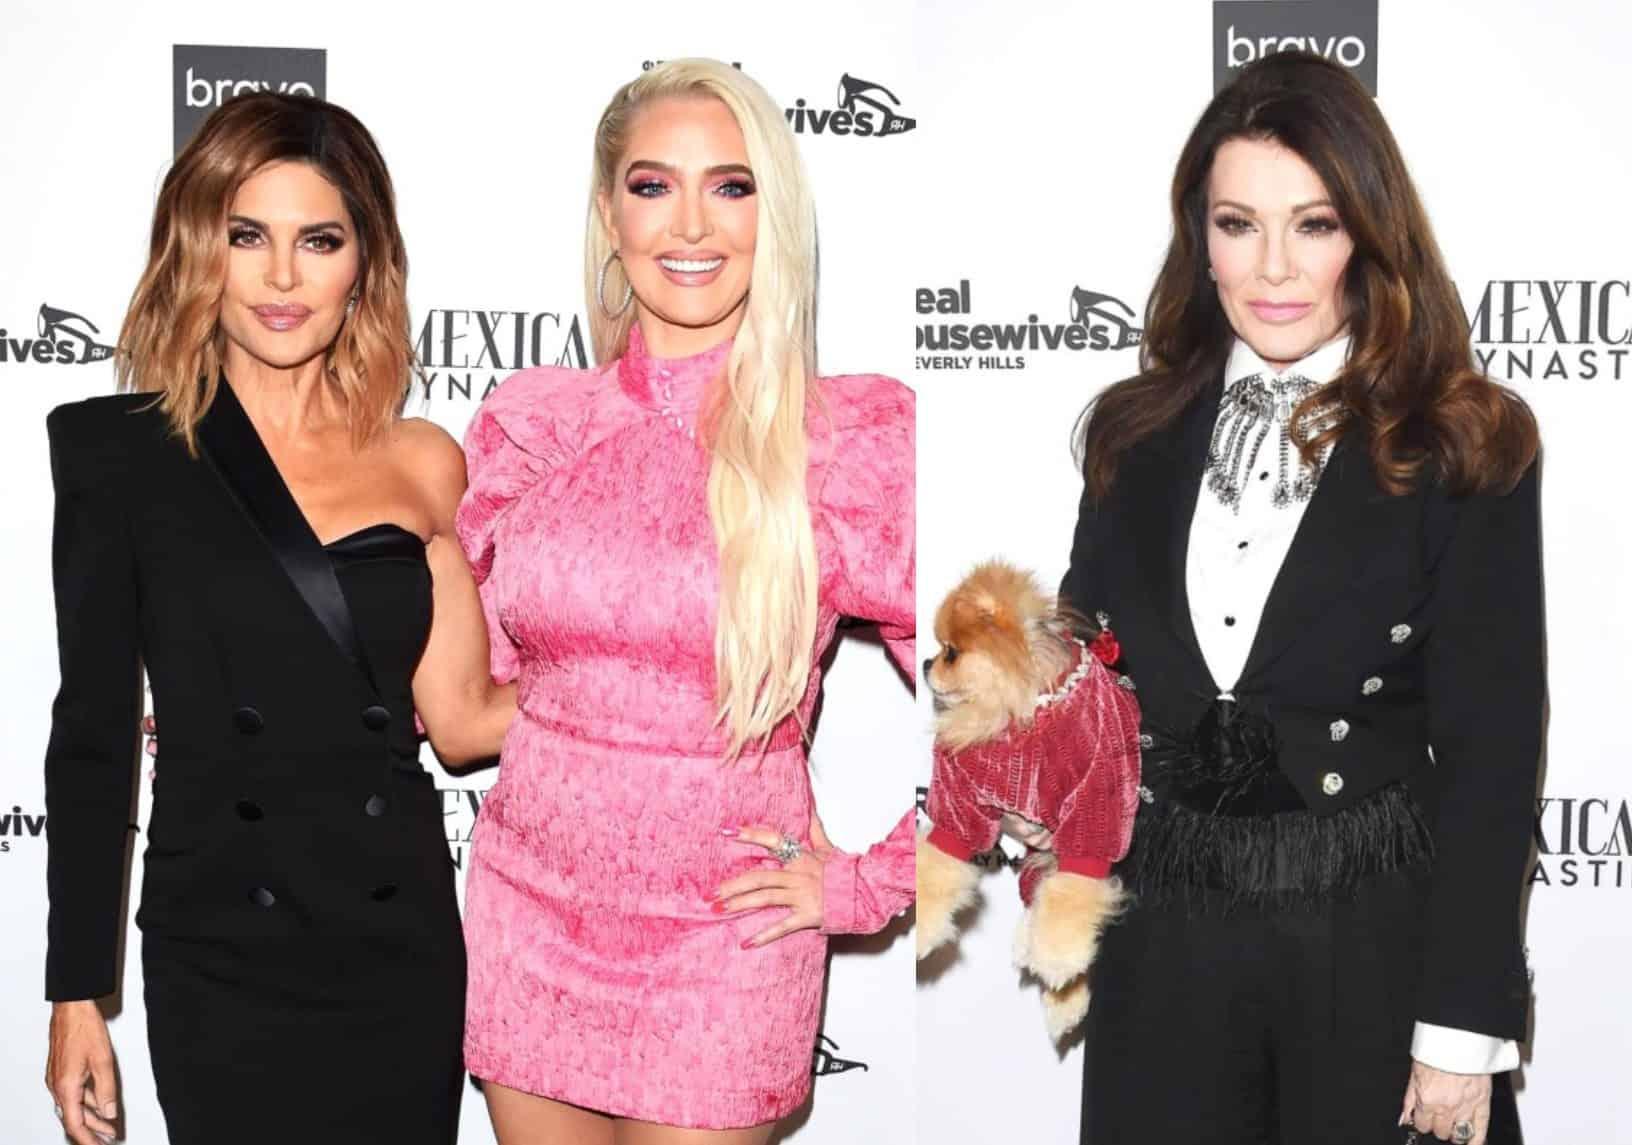 """RHOBH Stars Lisa Rinna and Erika Jayne Throw Shade at Lisa Vanderpump Ahead of Season 10 Premiere, Suggest Her Crown is """"Not That Heavy"""" as Teddi Weighs In"""